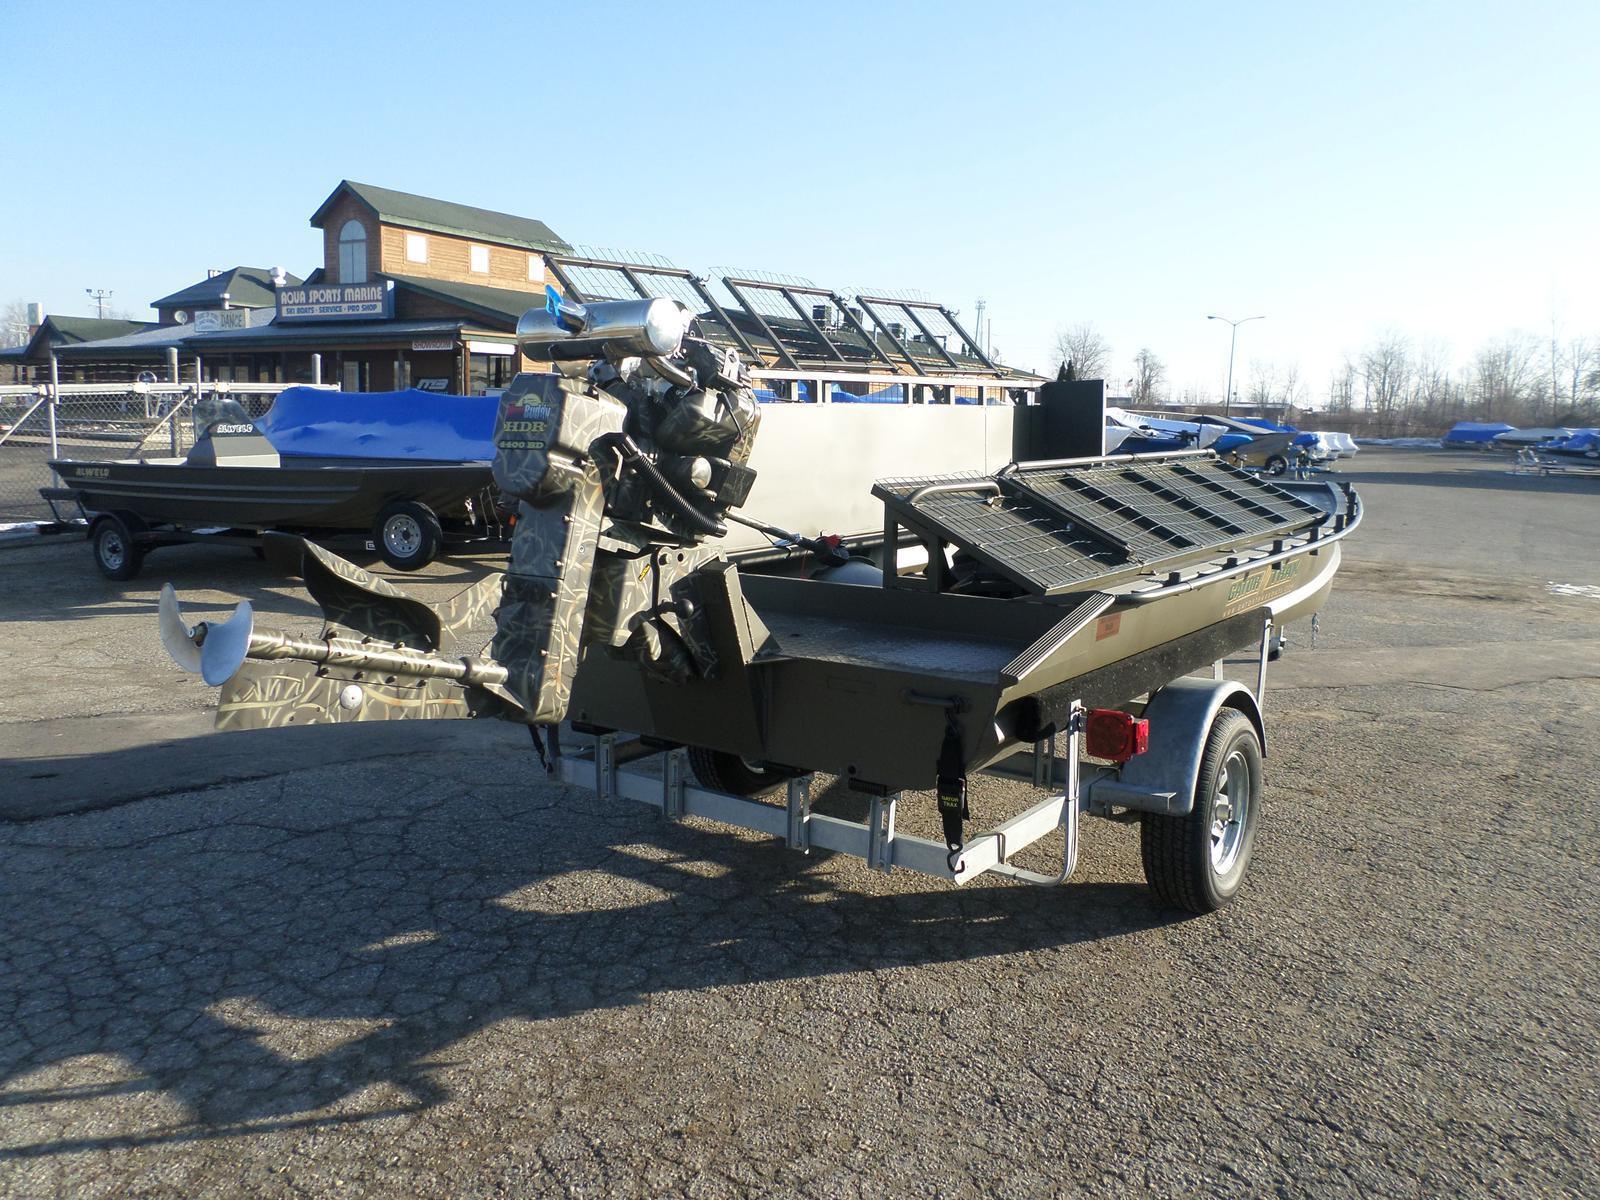 2018 Gator Trax 15x54 GEN II HIDE 3 man for sale in Fenton MI